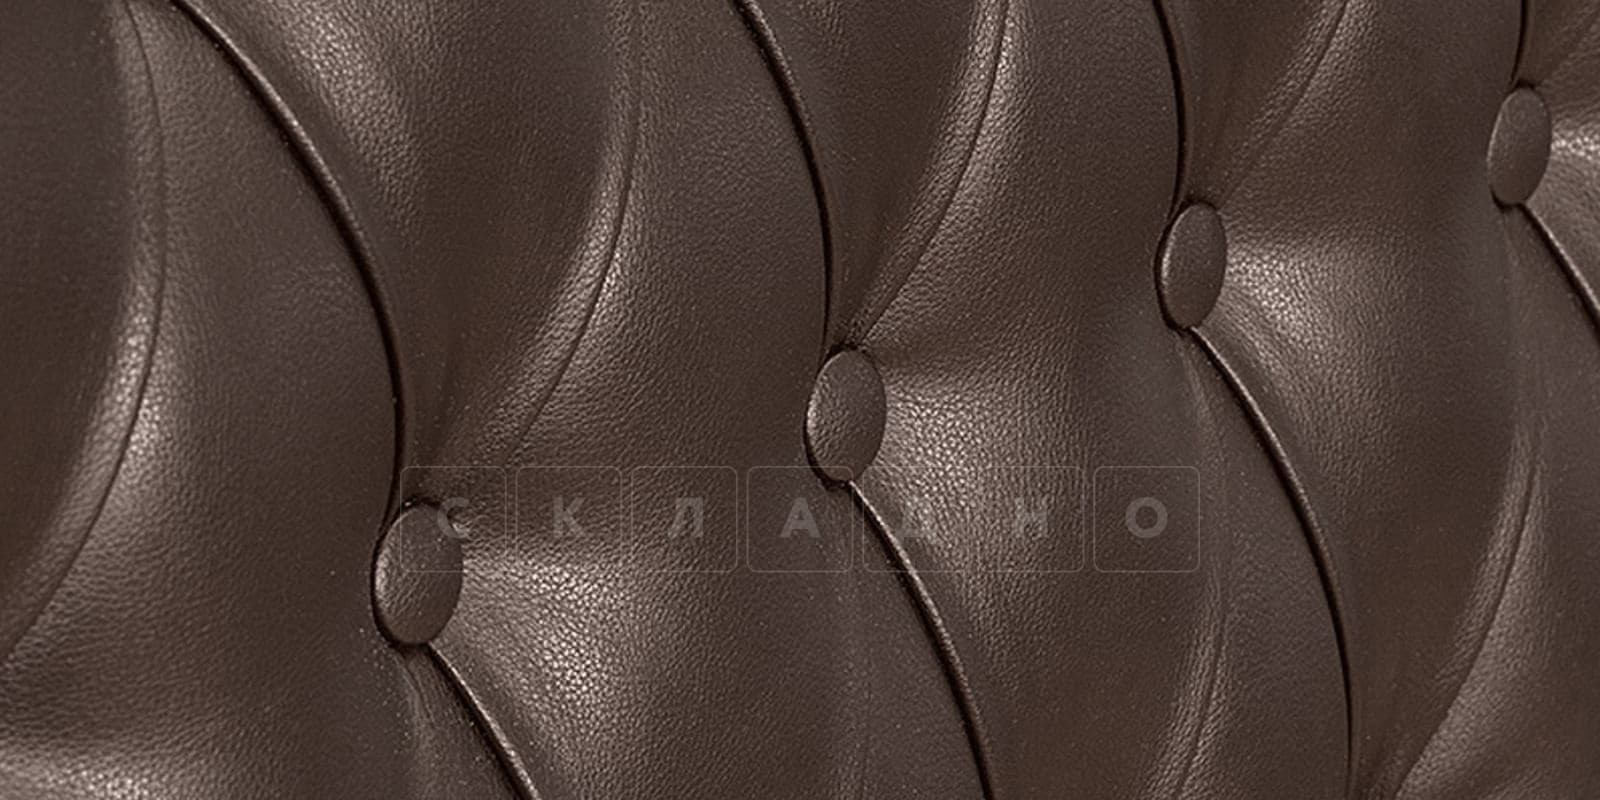 Мягкая кровать Вирджиния 160см экокожа шоколадного цвета фото 7 | интернет-магазин Складно